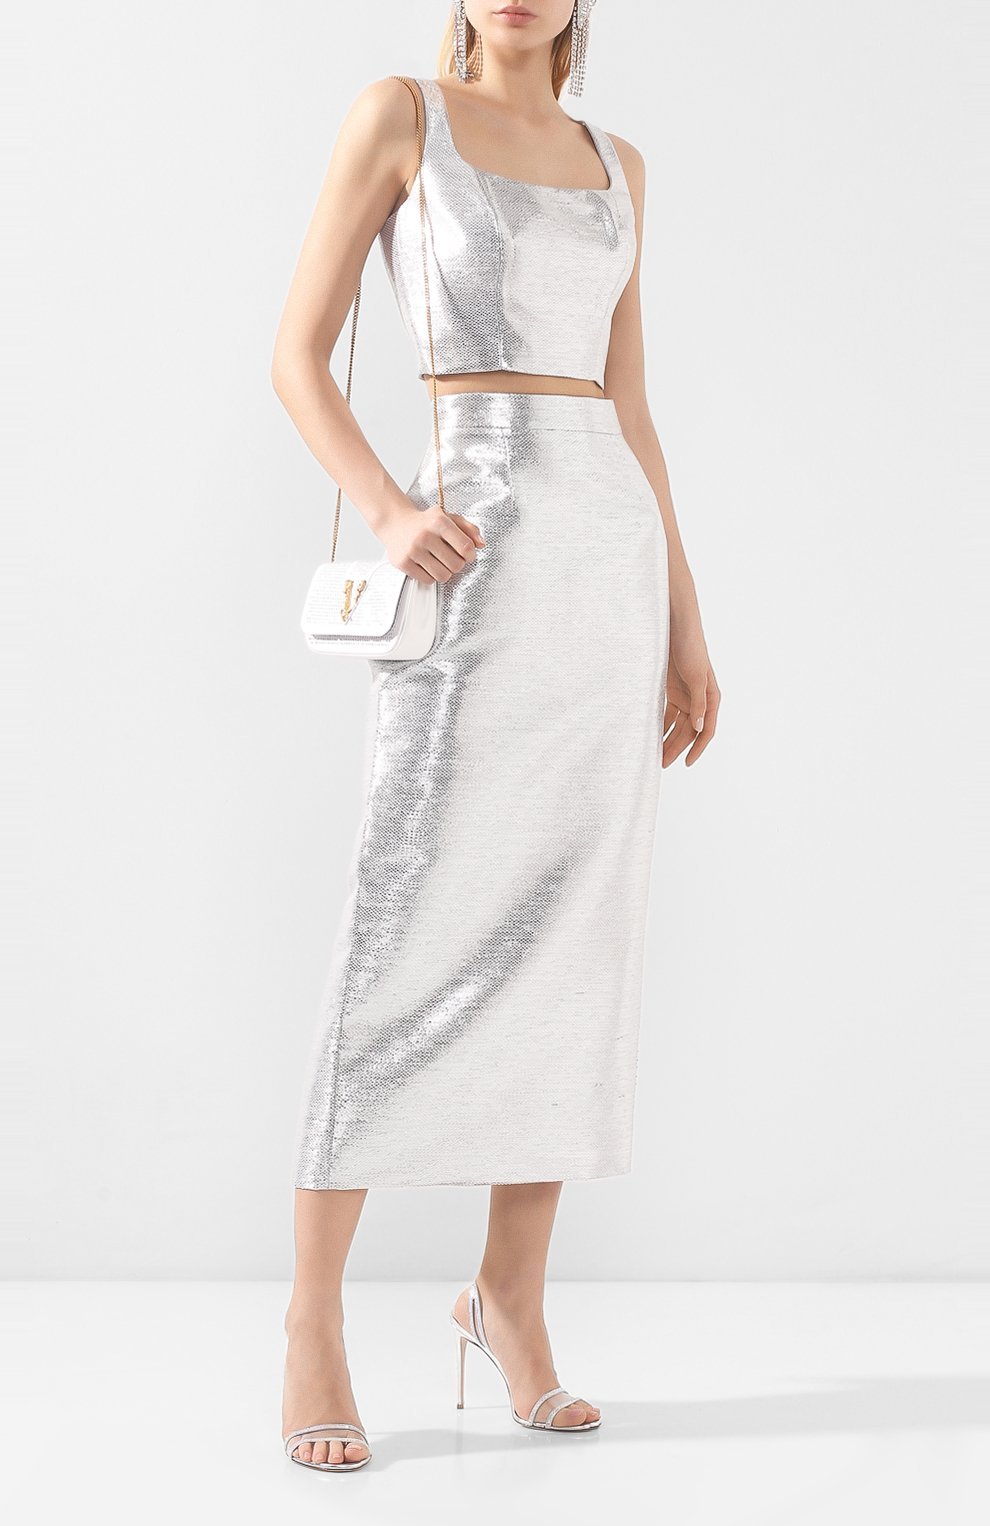 Женская юбка BRANDON MAXWELL серебряного цвета, арт. SK126SS20   Фото 2 (Материал внешний: Синтетический материал, Хлопок; Женское Кросс-КТ: Юбка-одежда; Длина Ж (юбки, платья, шорты): Миди; Материал подклада: Синтетический материал)